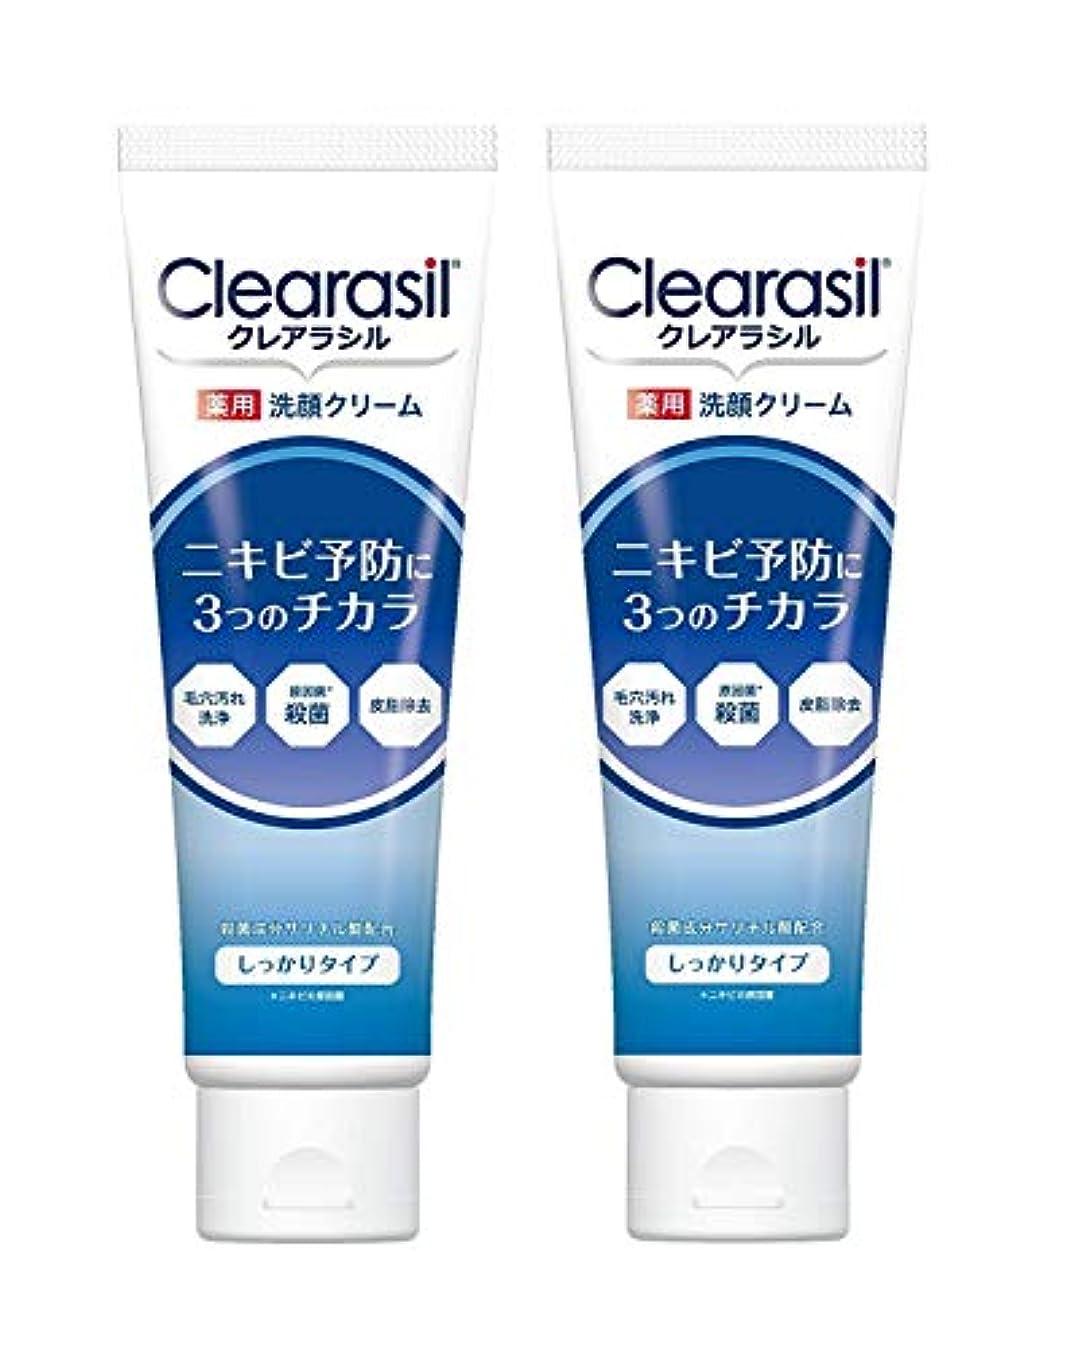 終了する憂慮すべき処分した【医薬部外品】クレアラシル ニキビ対策薬用洗顔フォーム3つのチカラ しっかりタイプ120g×2個セット